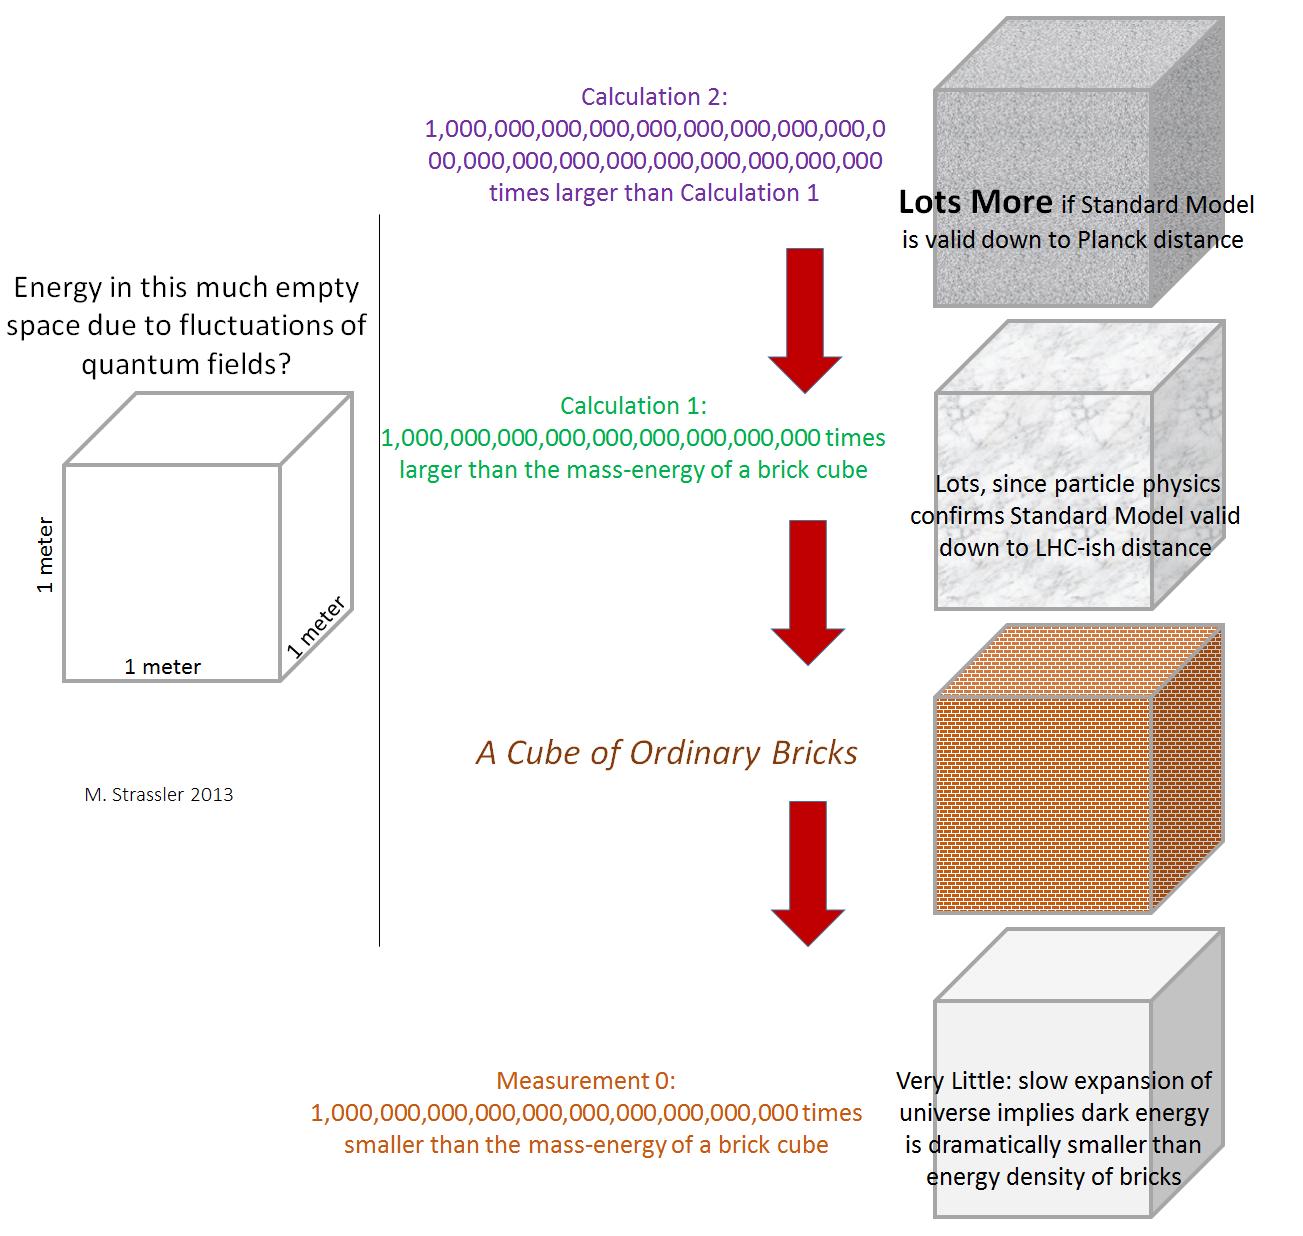 Квантовые флуктуации и их энергия - 3